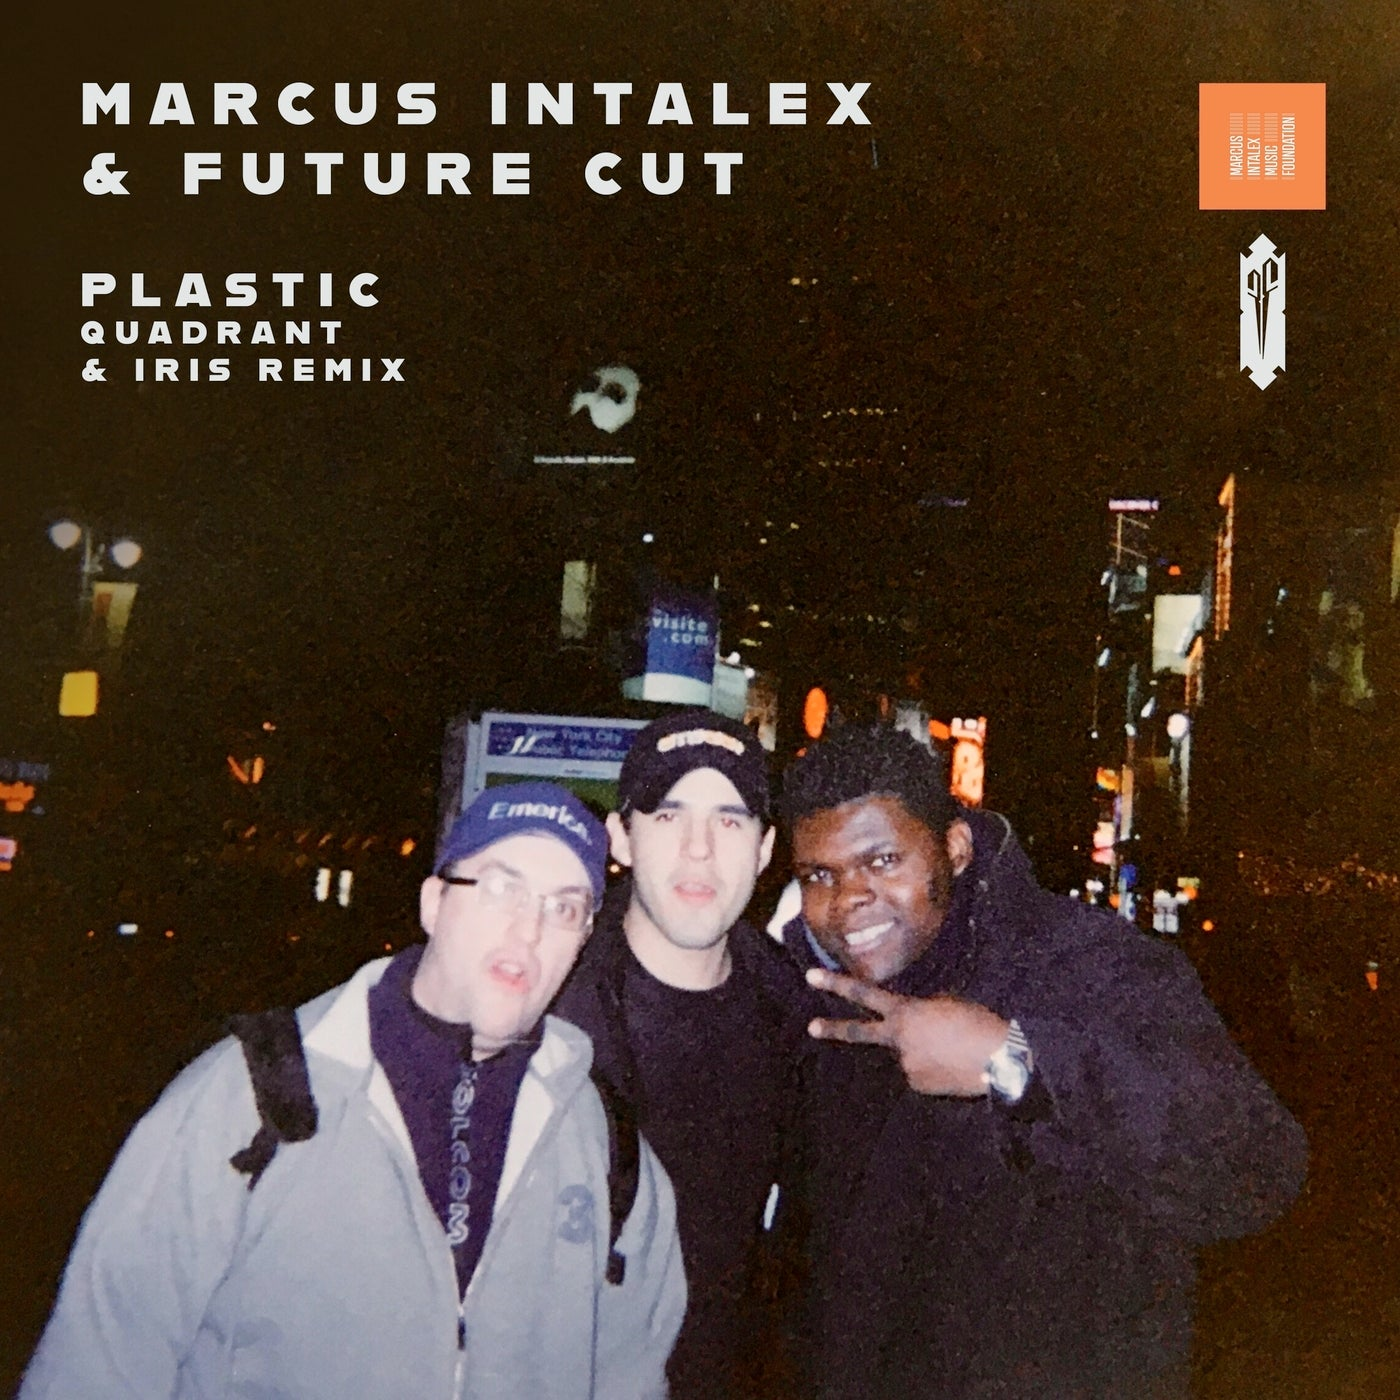 Plastic (Quadrant & Iris Remix)